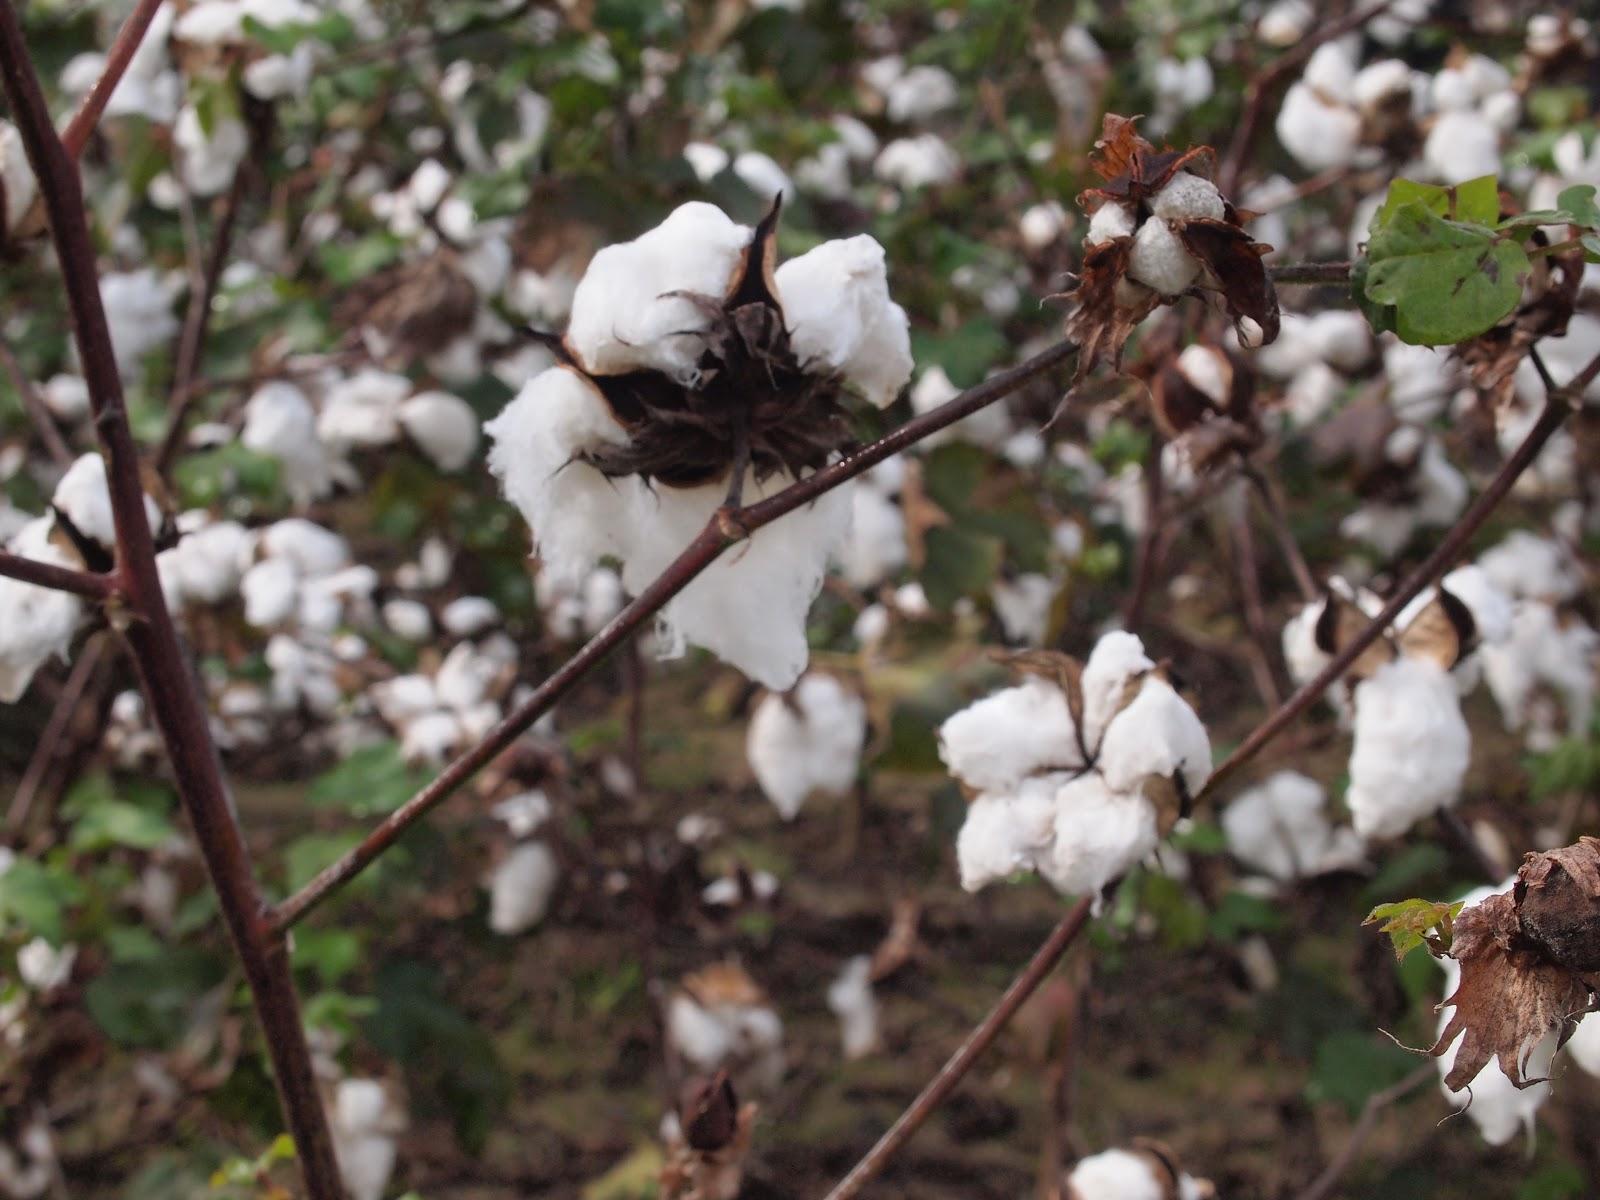 Vijaya Bodach Cotton Picking